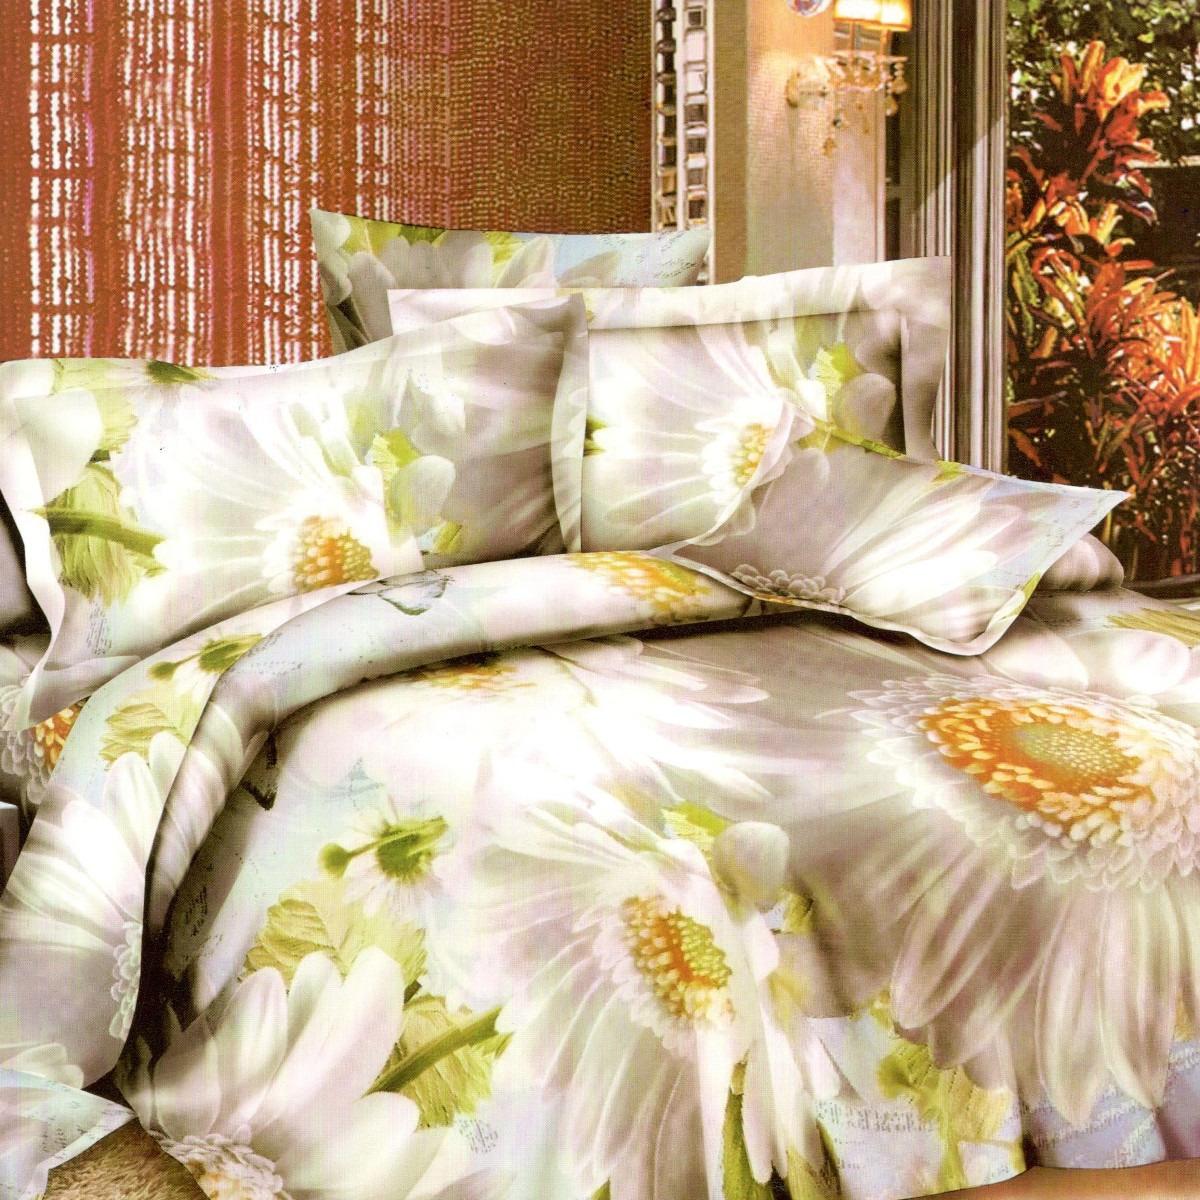 Комплект постельного белья Letto, PS164-3, серый, 1,5 спальный, наволочки 70x70